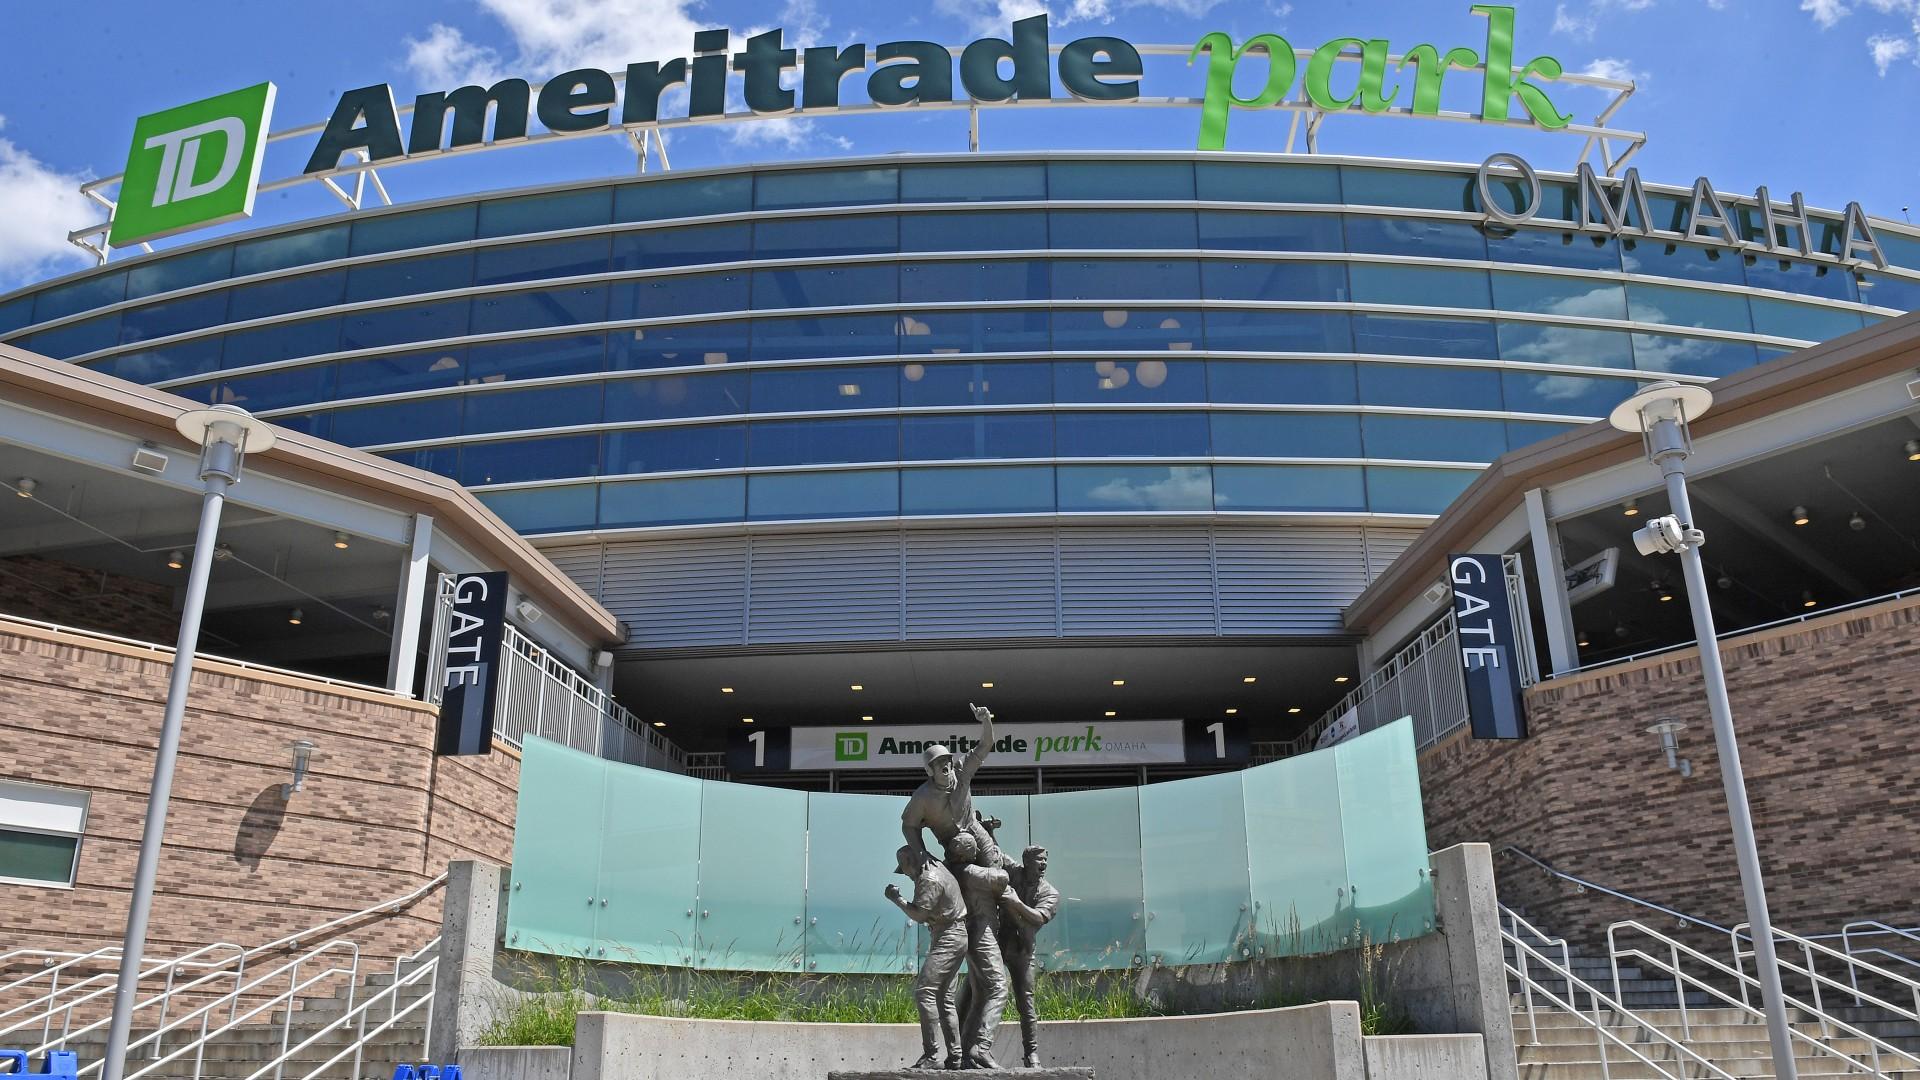 Td-ameritrade-park-061521-getty-ftr_ypgl7888y5q61rb7eulfz6m5x